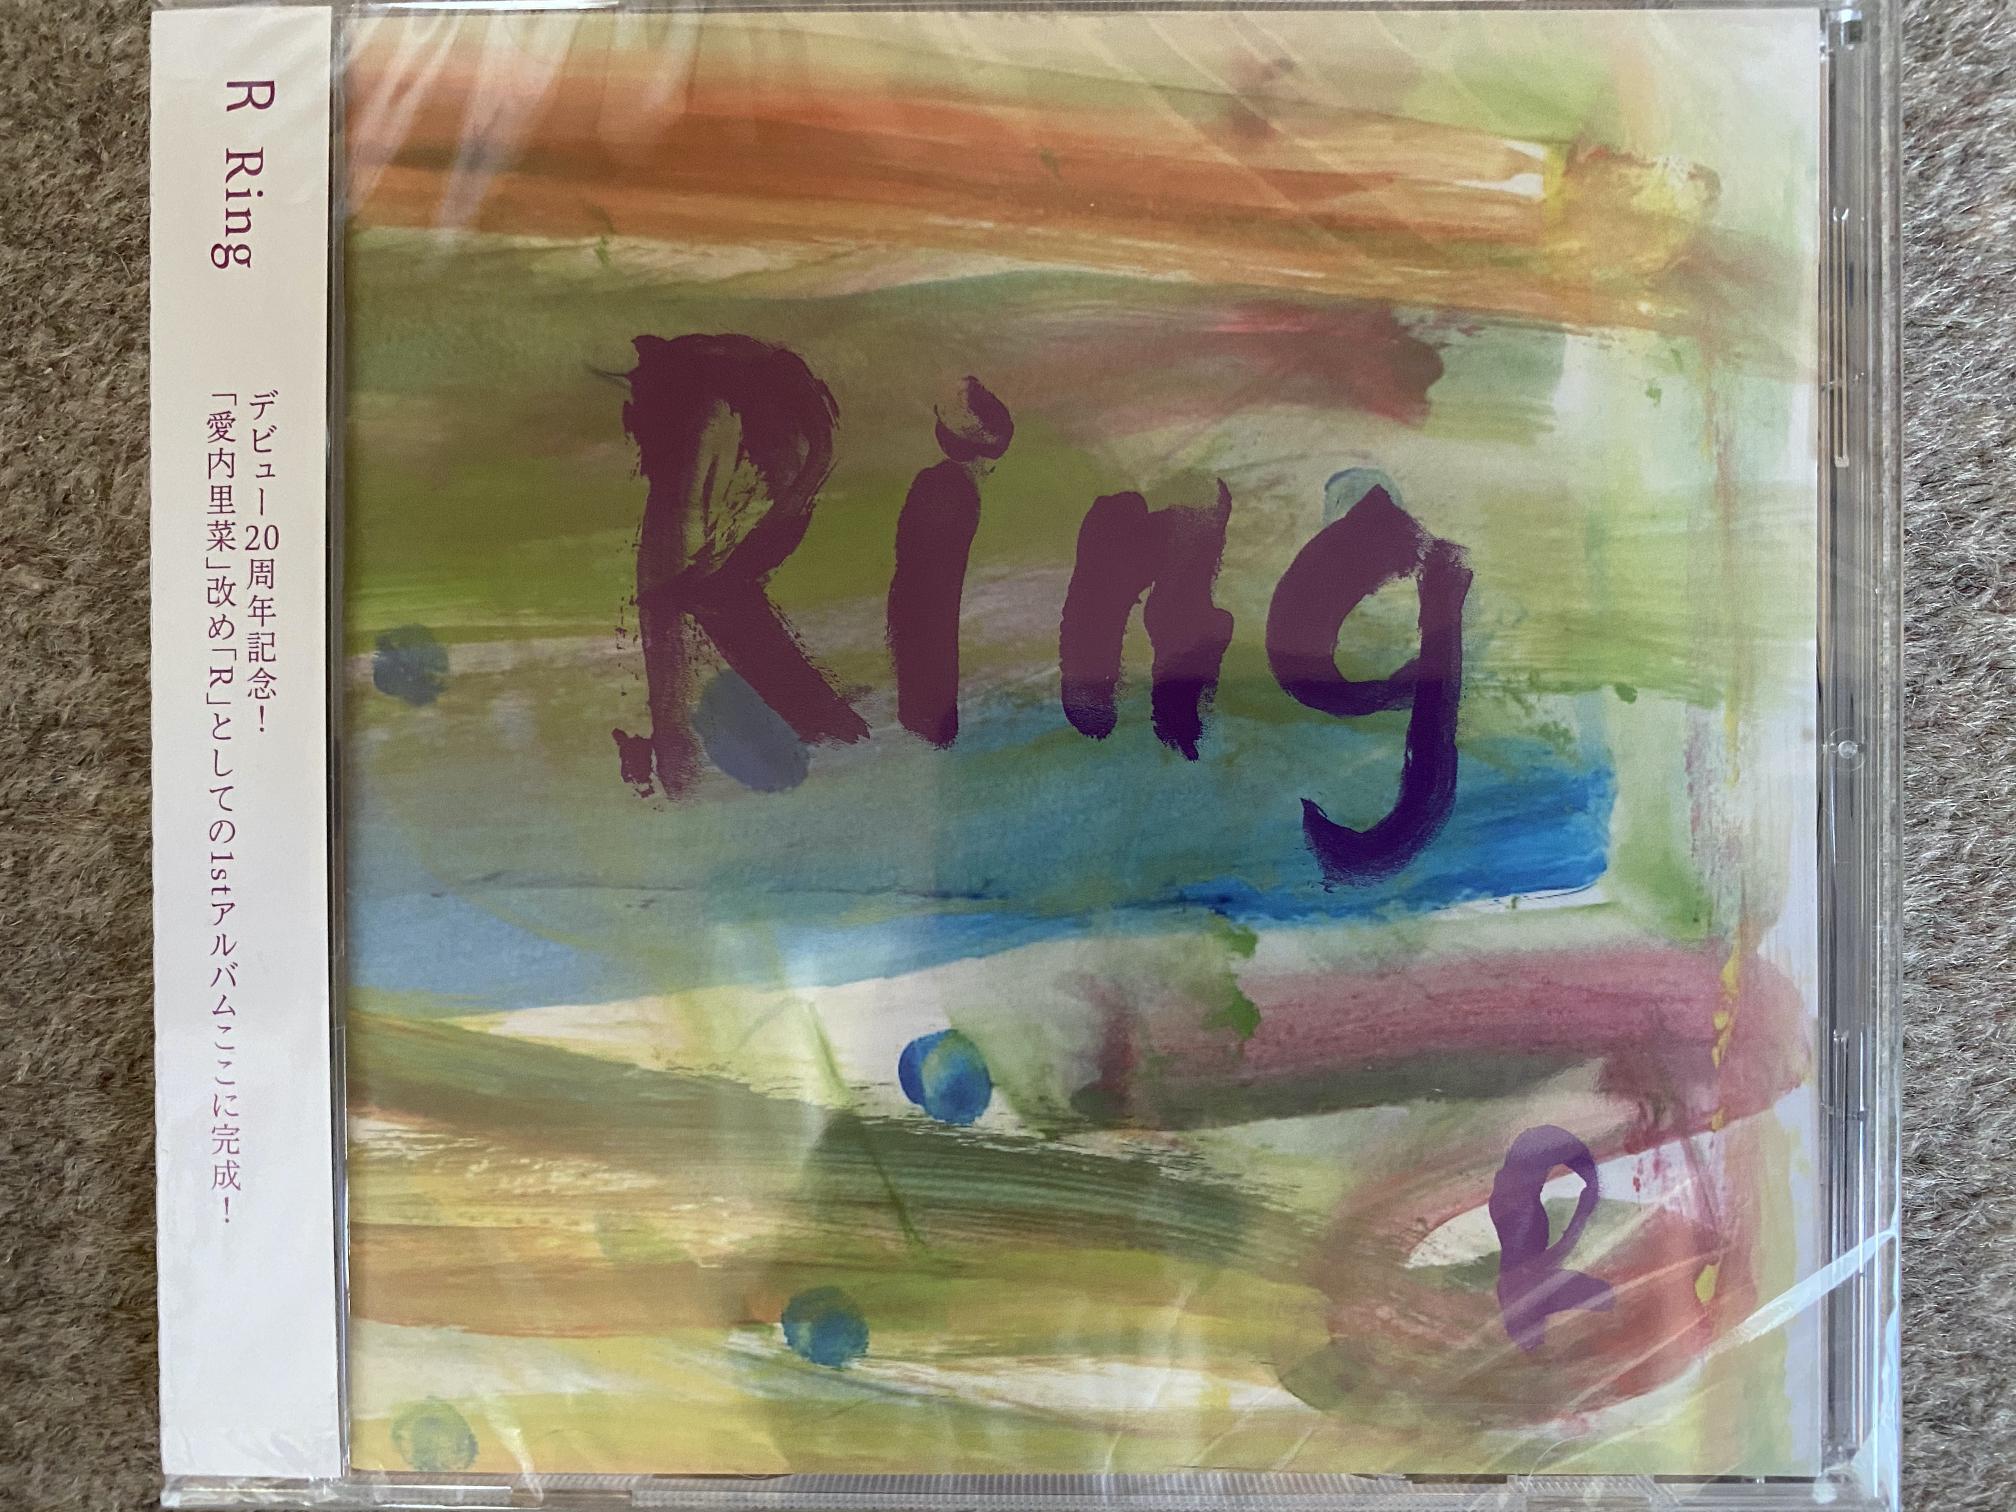 Ring(通常盤)